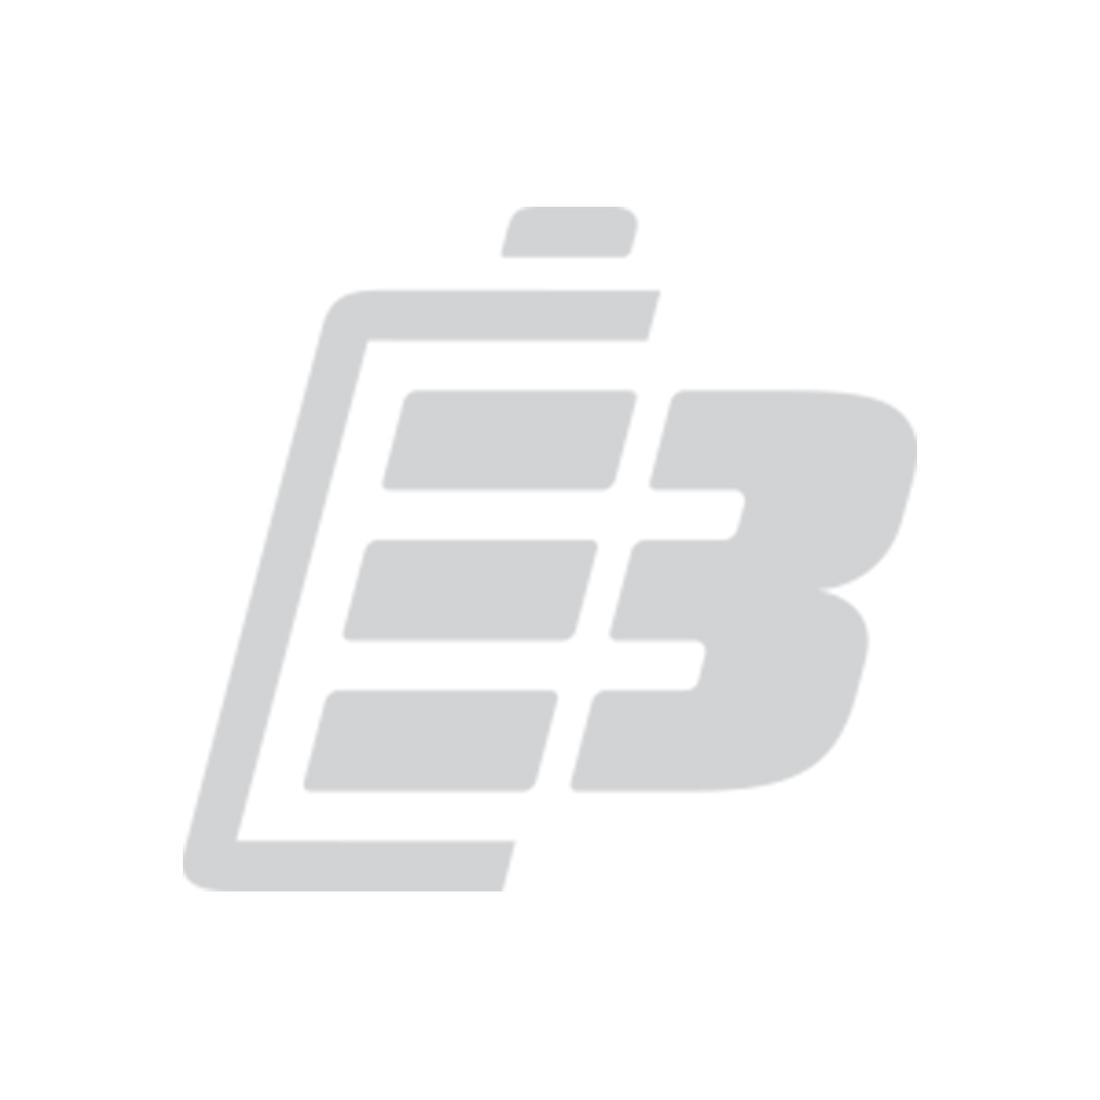 Energizer Alkaline Power LR14 C